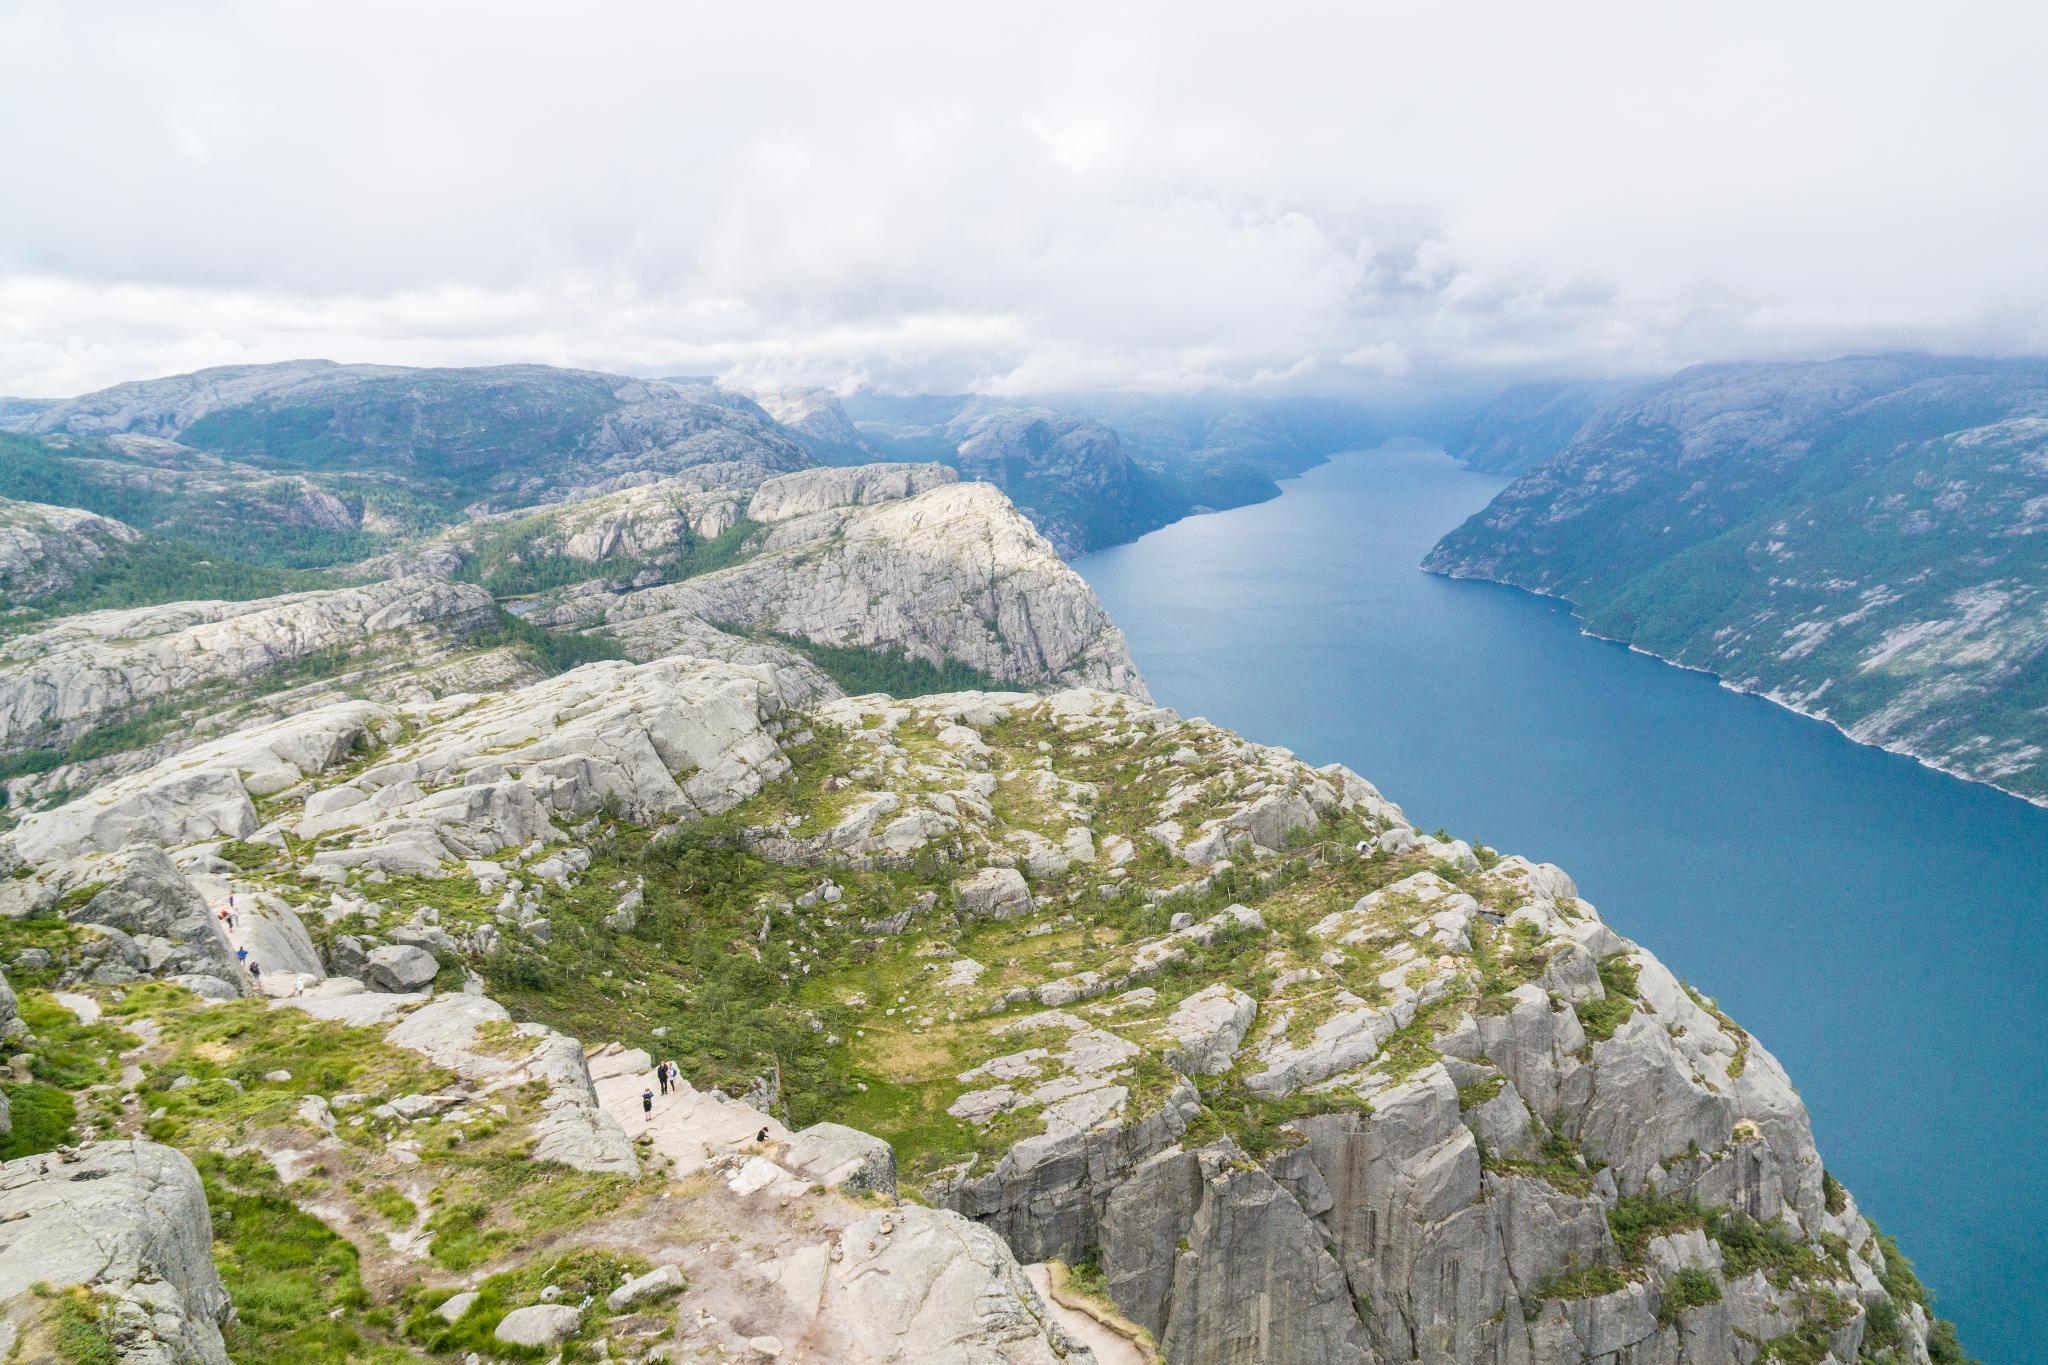 【北歐景點】朝聖挪威三大奇岩:聖壇岩Preikestolen健行紀錄 37